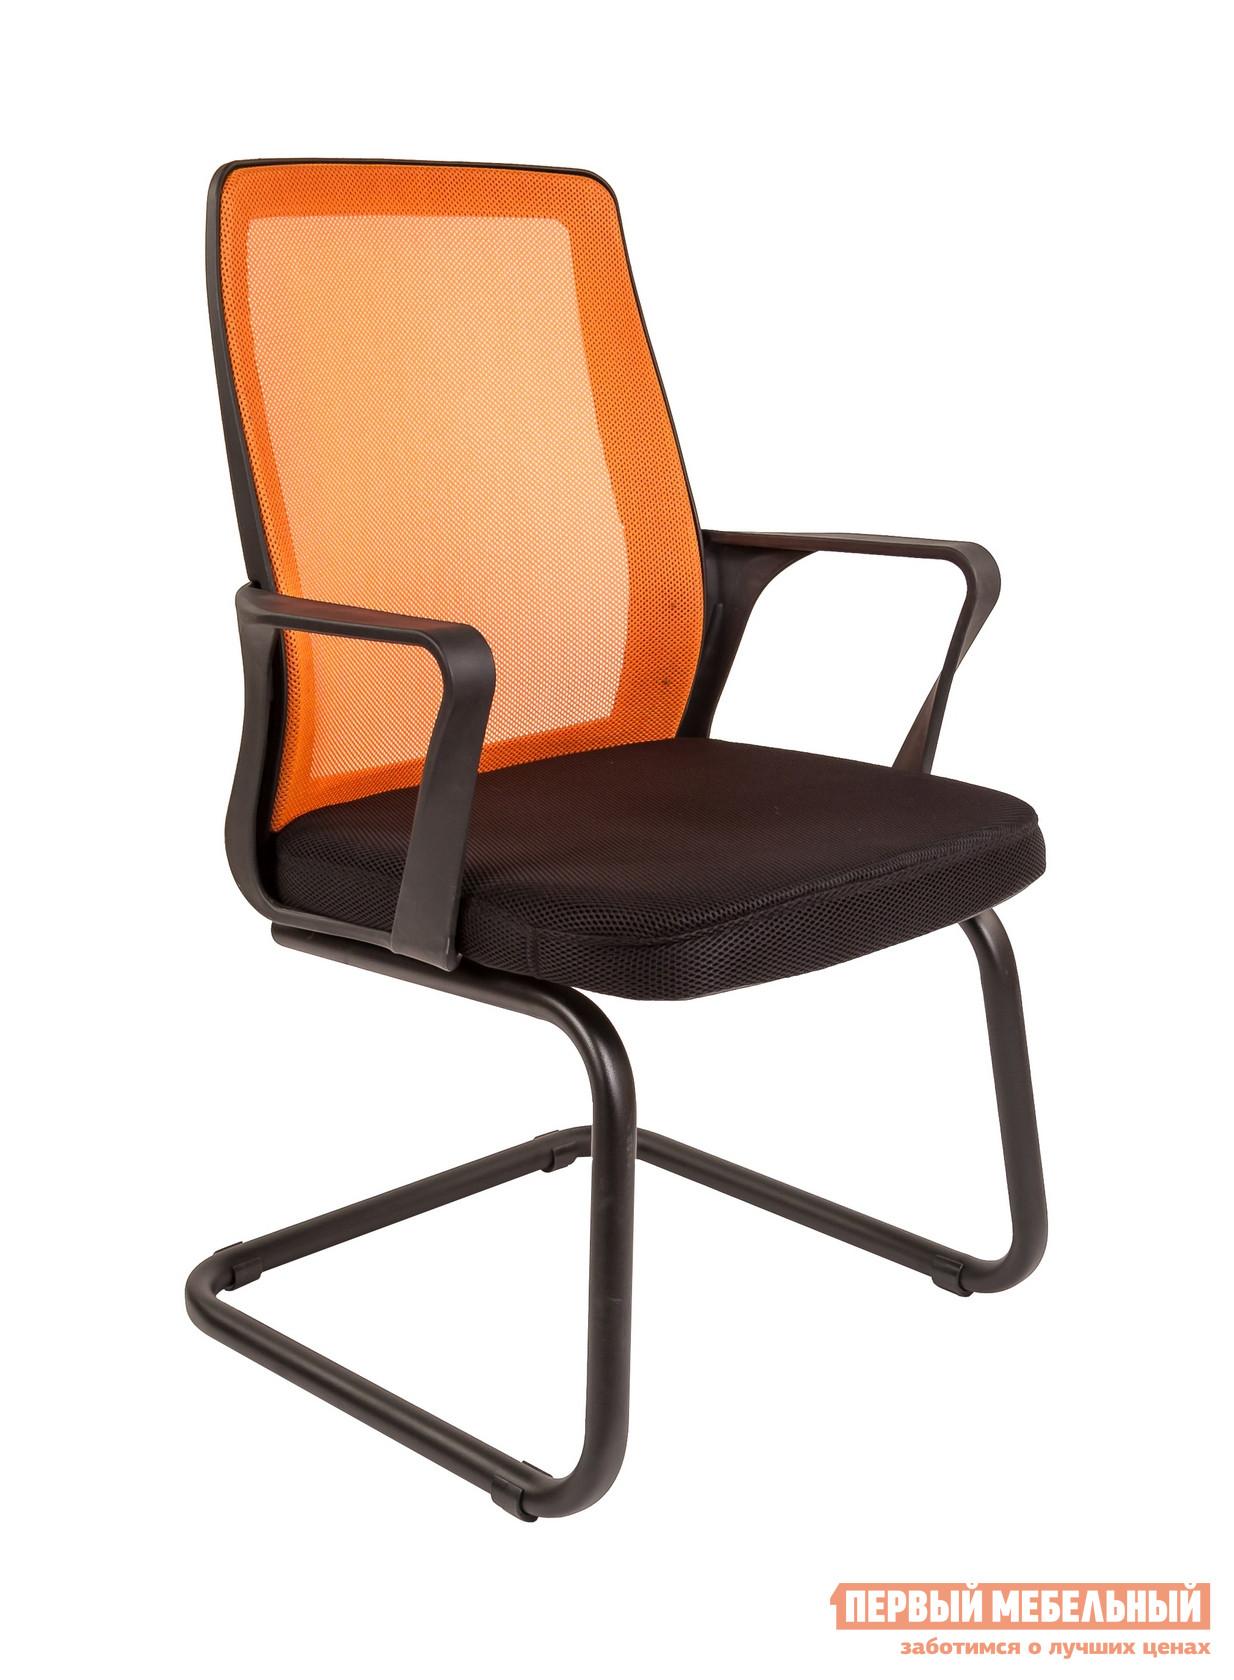 Офисный стул Русские кресла РК 215 V